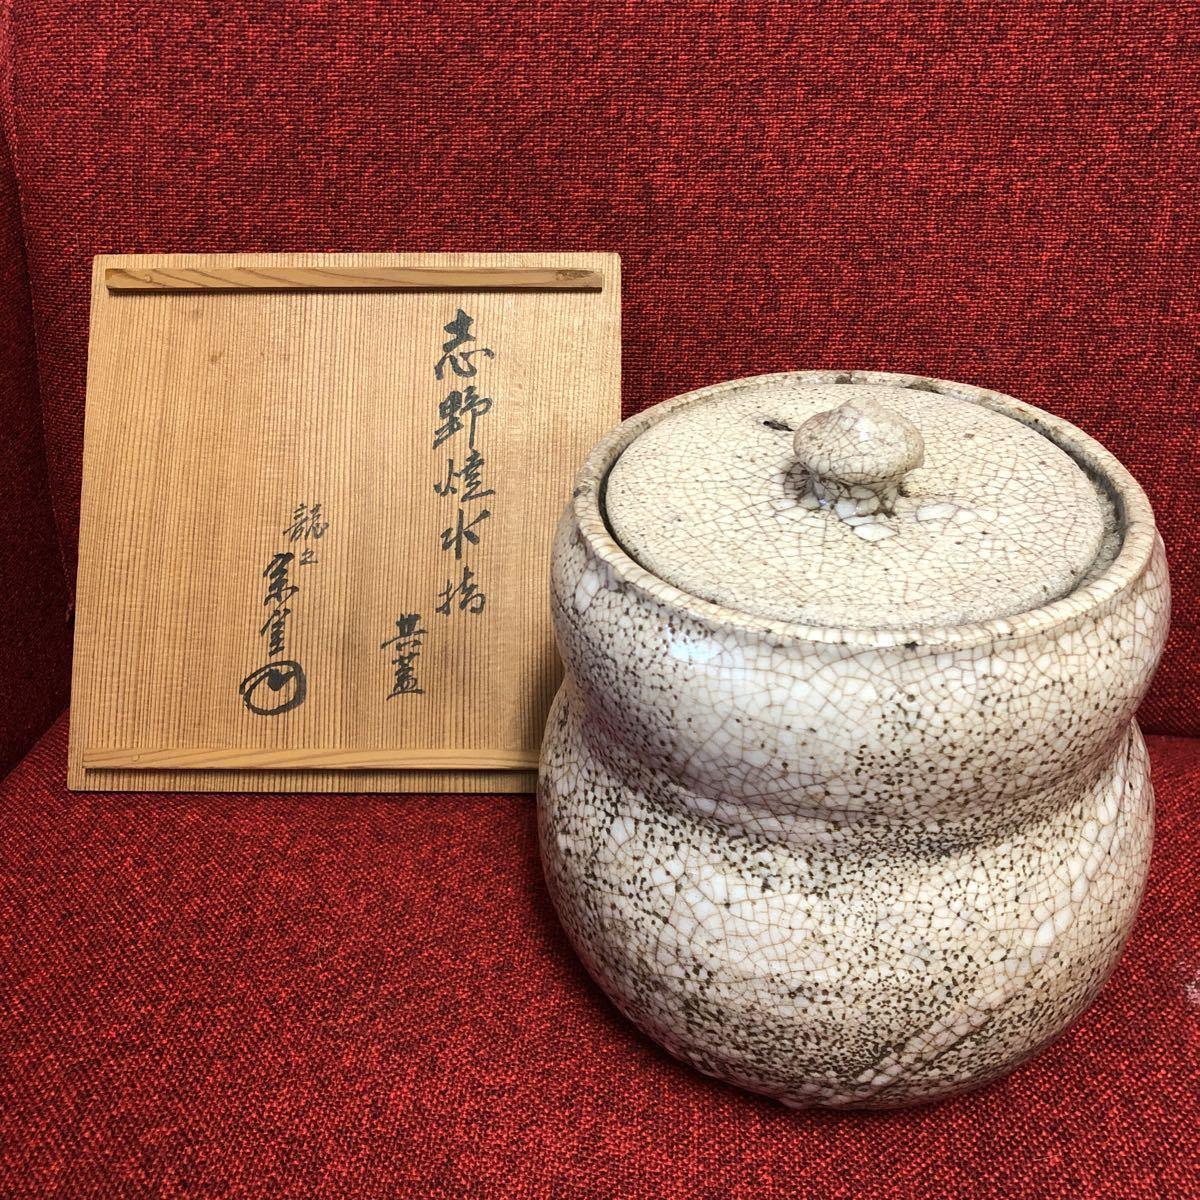 志野 和 茶道具_画像1